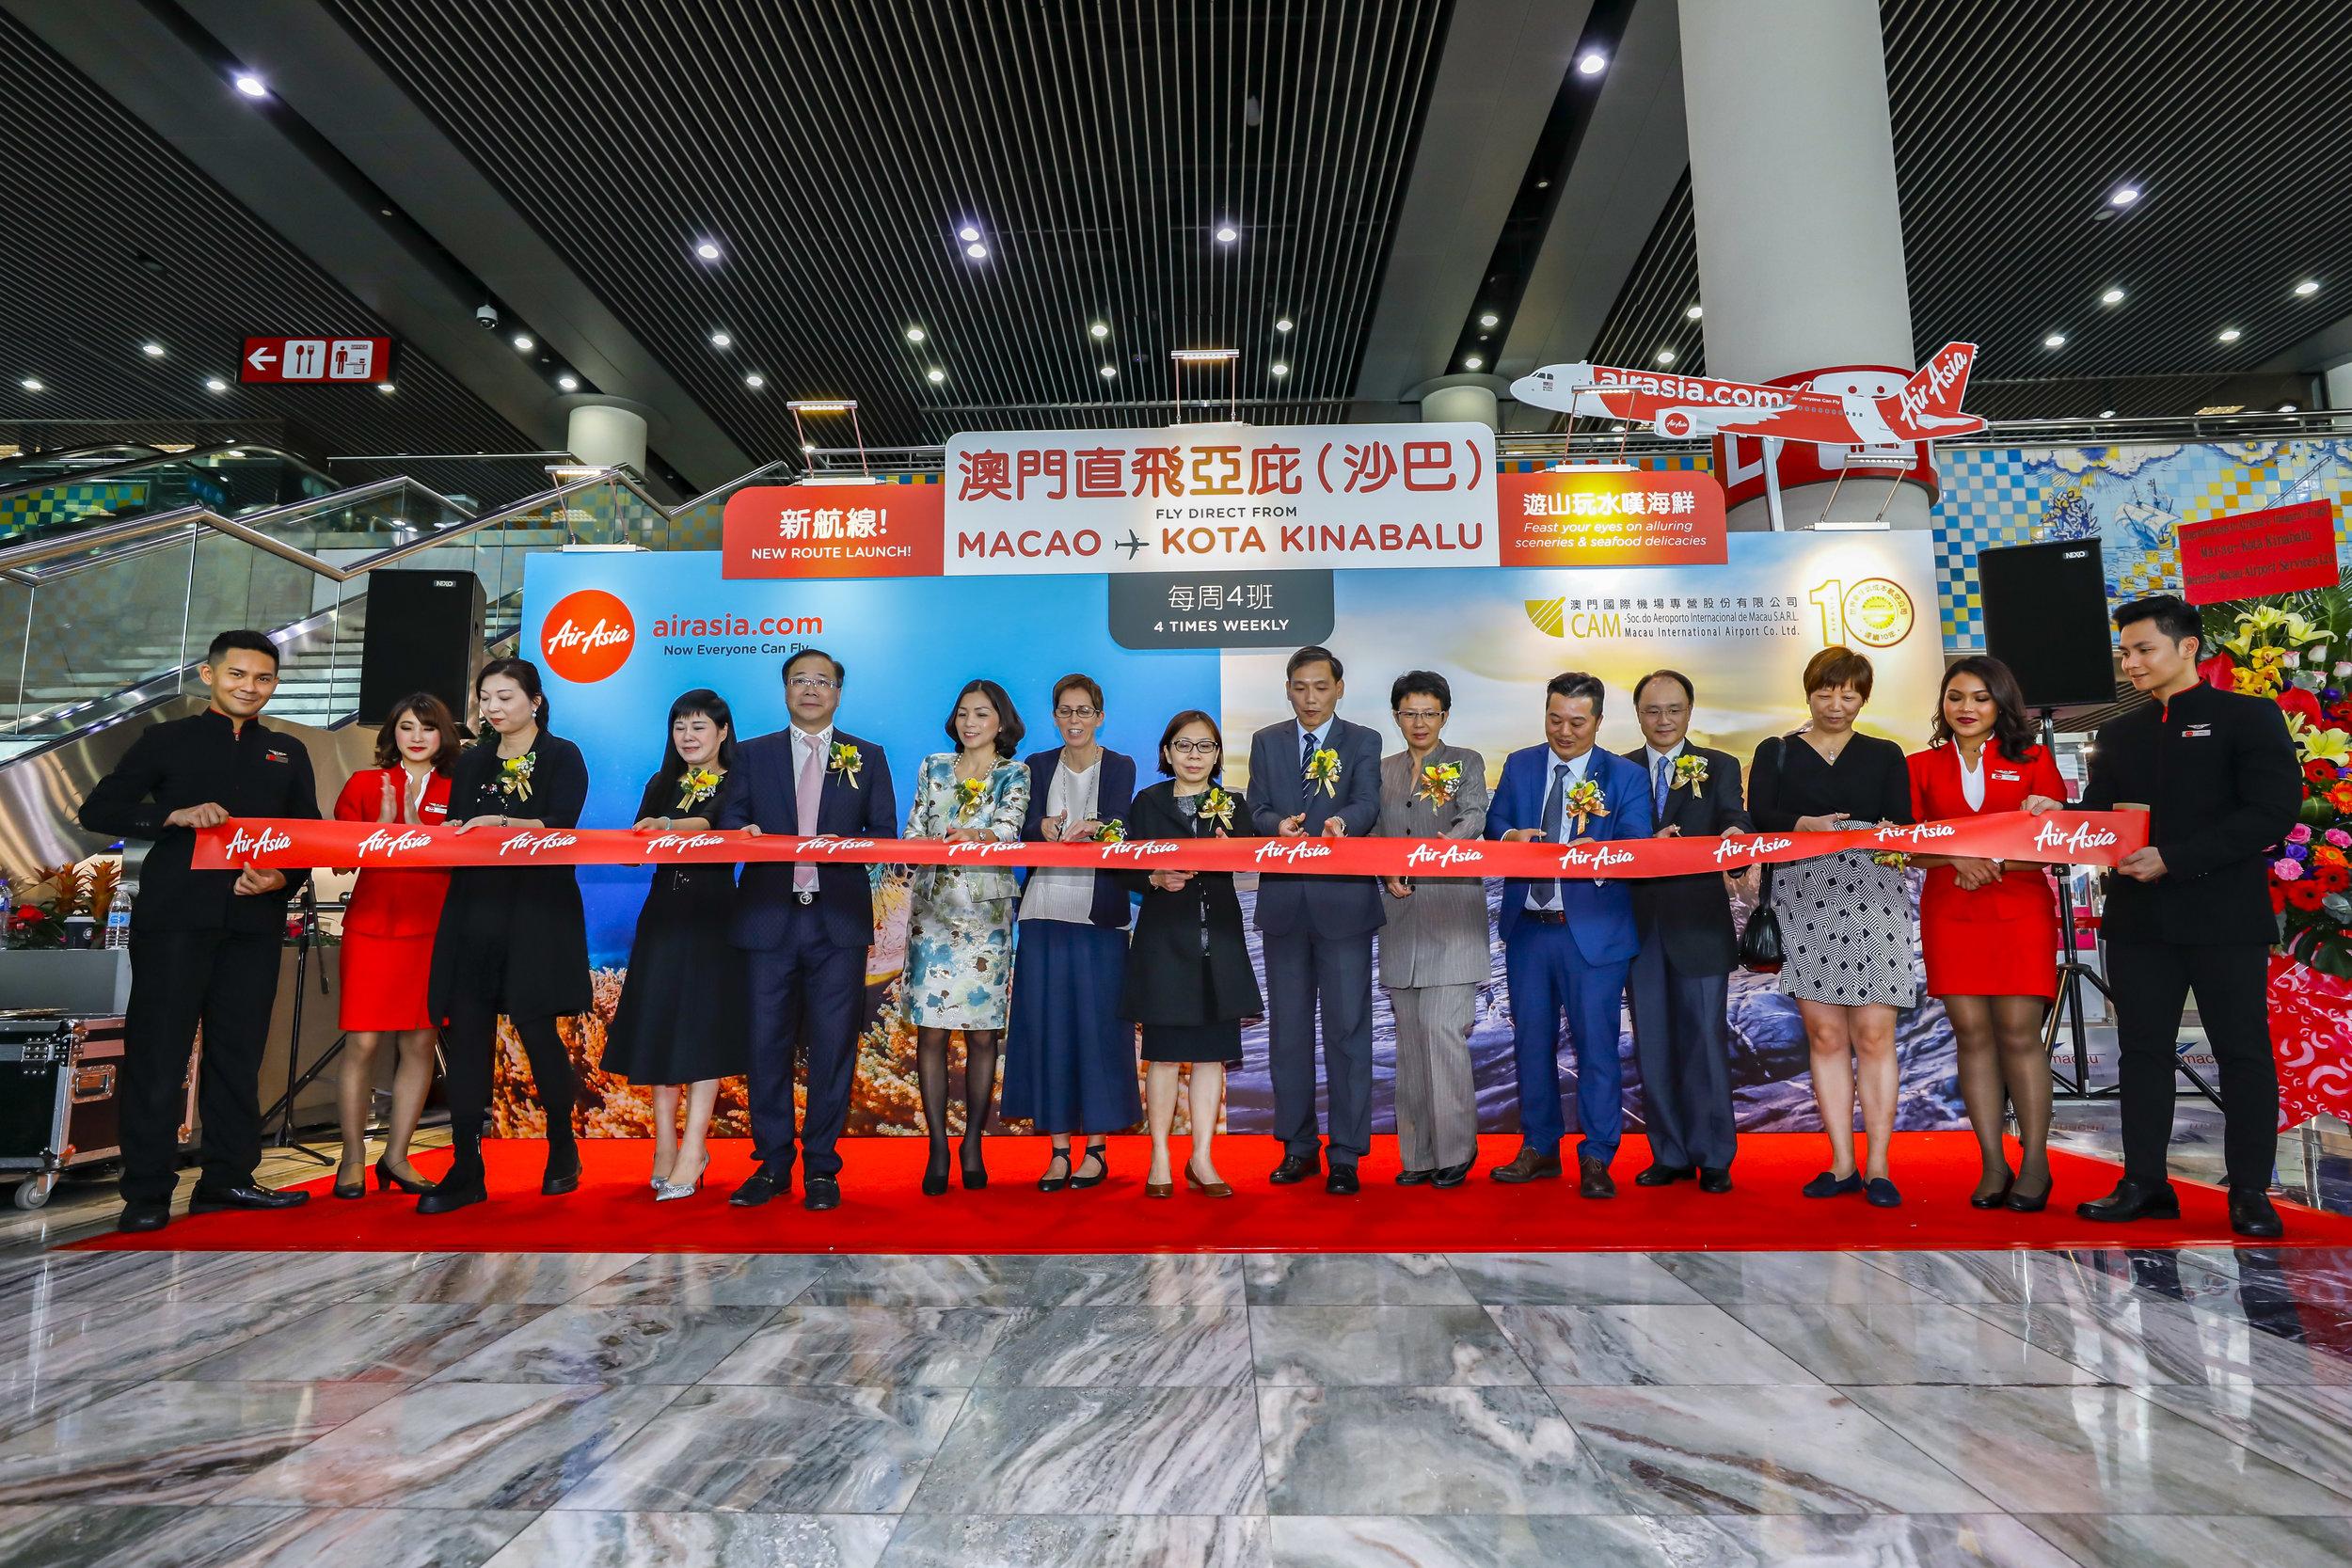 CEO da Air Asia espera mais turistas e negócios com nova rota para Kota Kinabalu